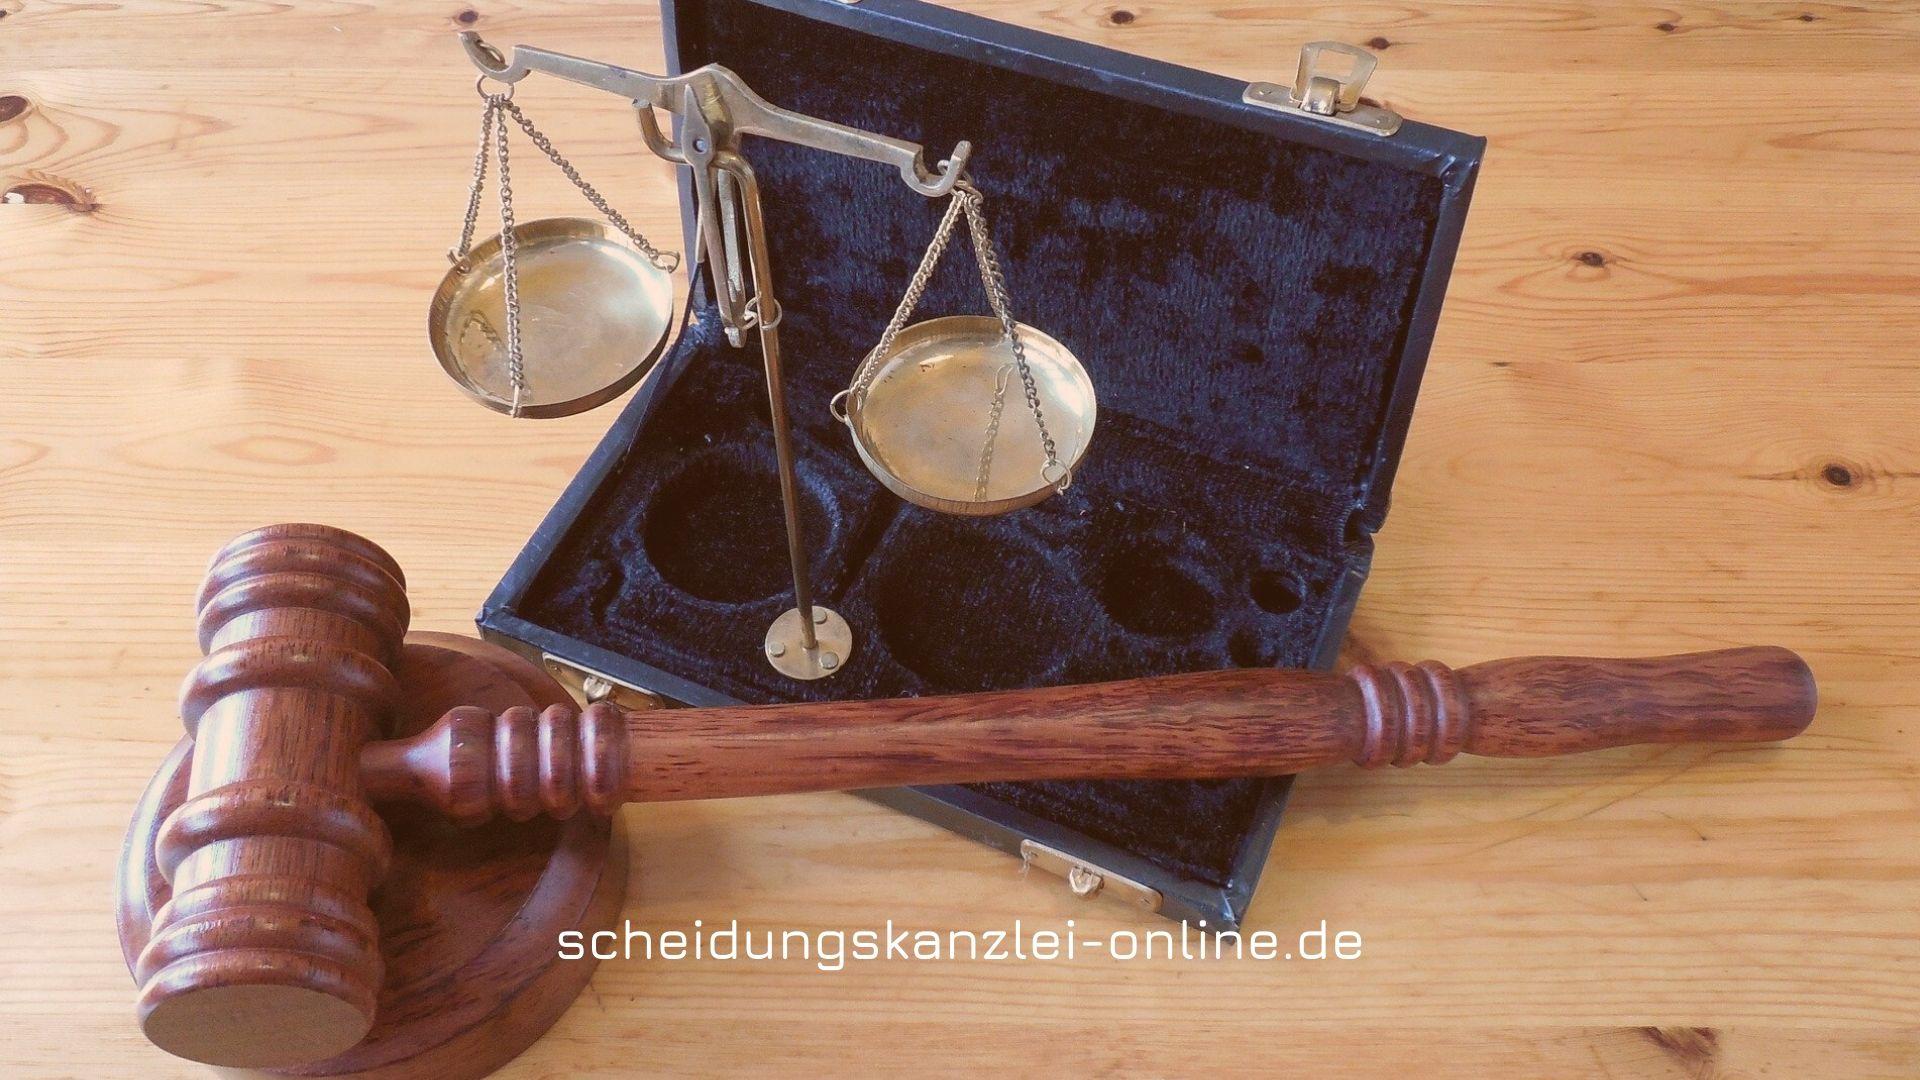 Немецкие суды увеличивают количество слушаний